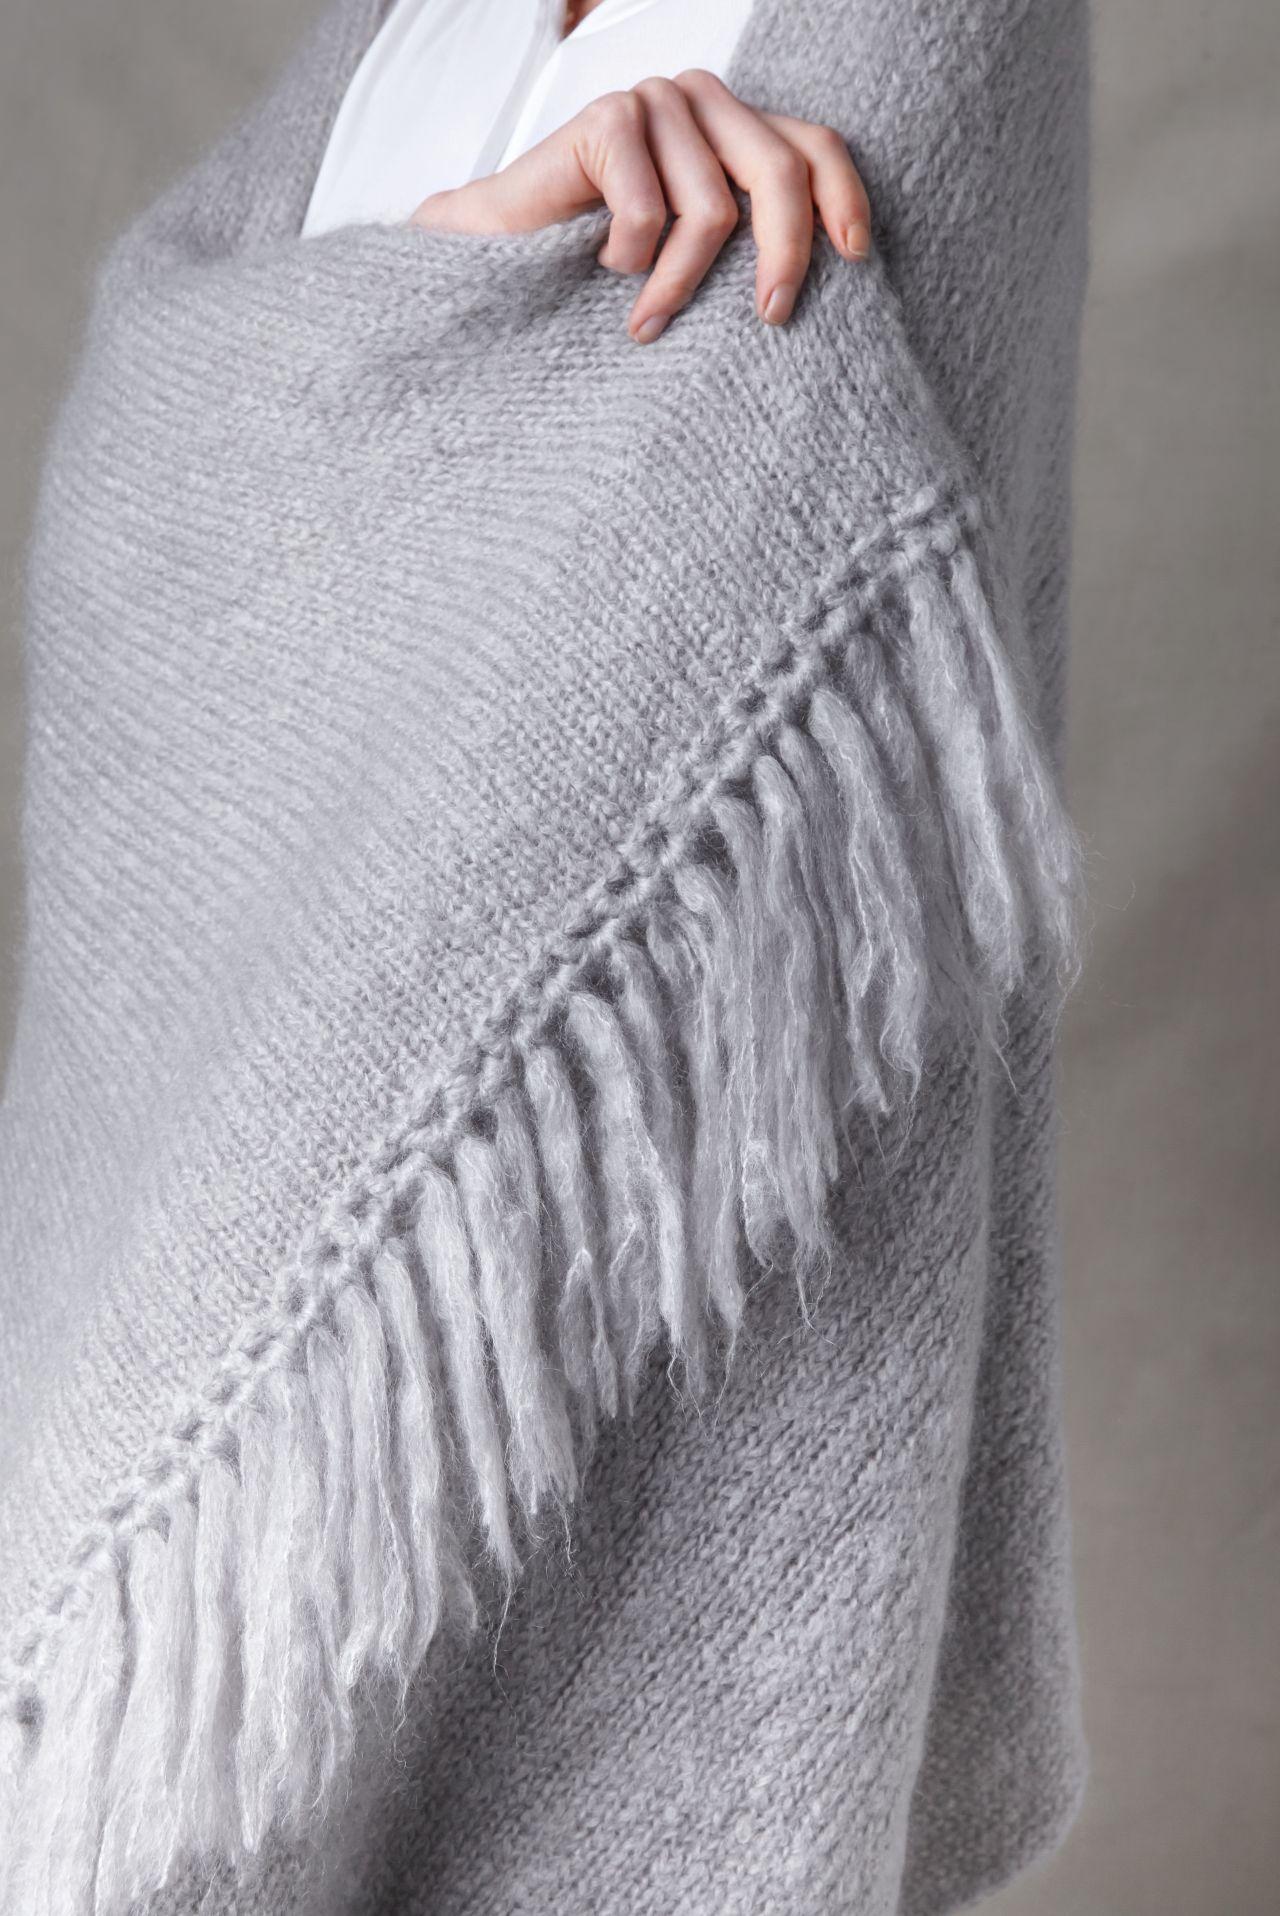 Juul mohairwol lichtgrijs omslagdoek van nederlandse geiten detail fringe.